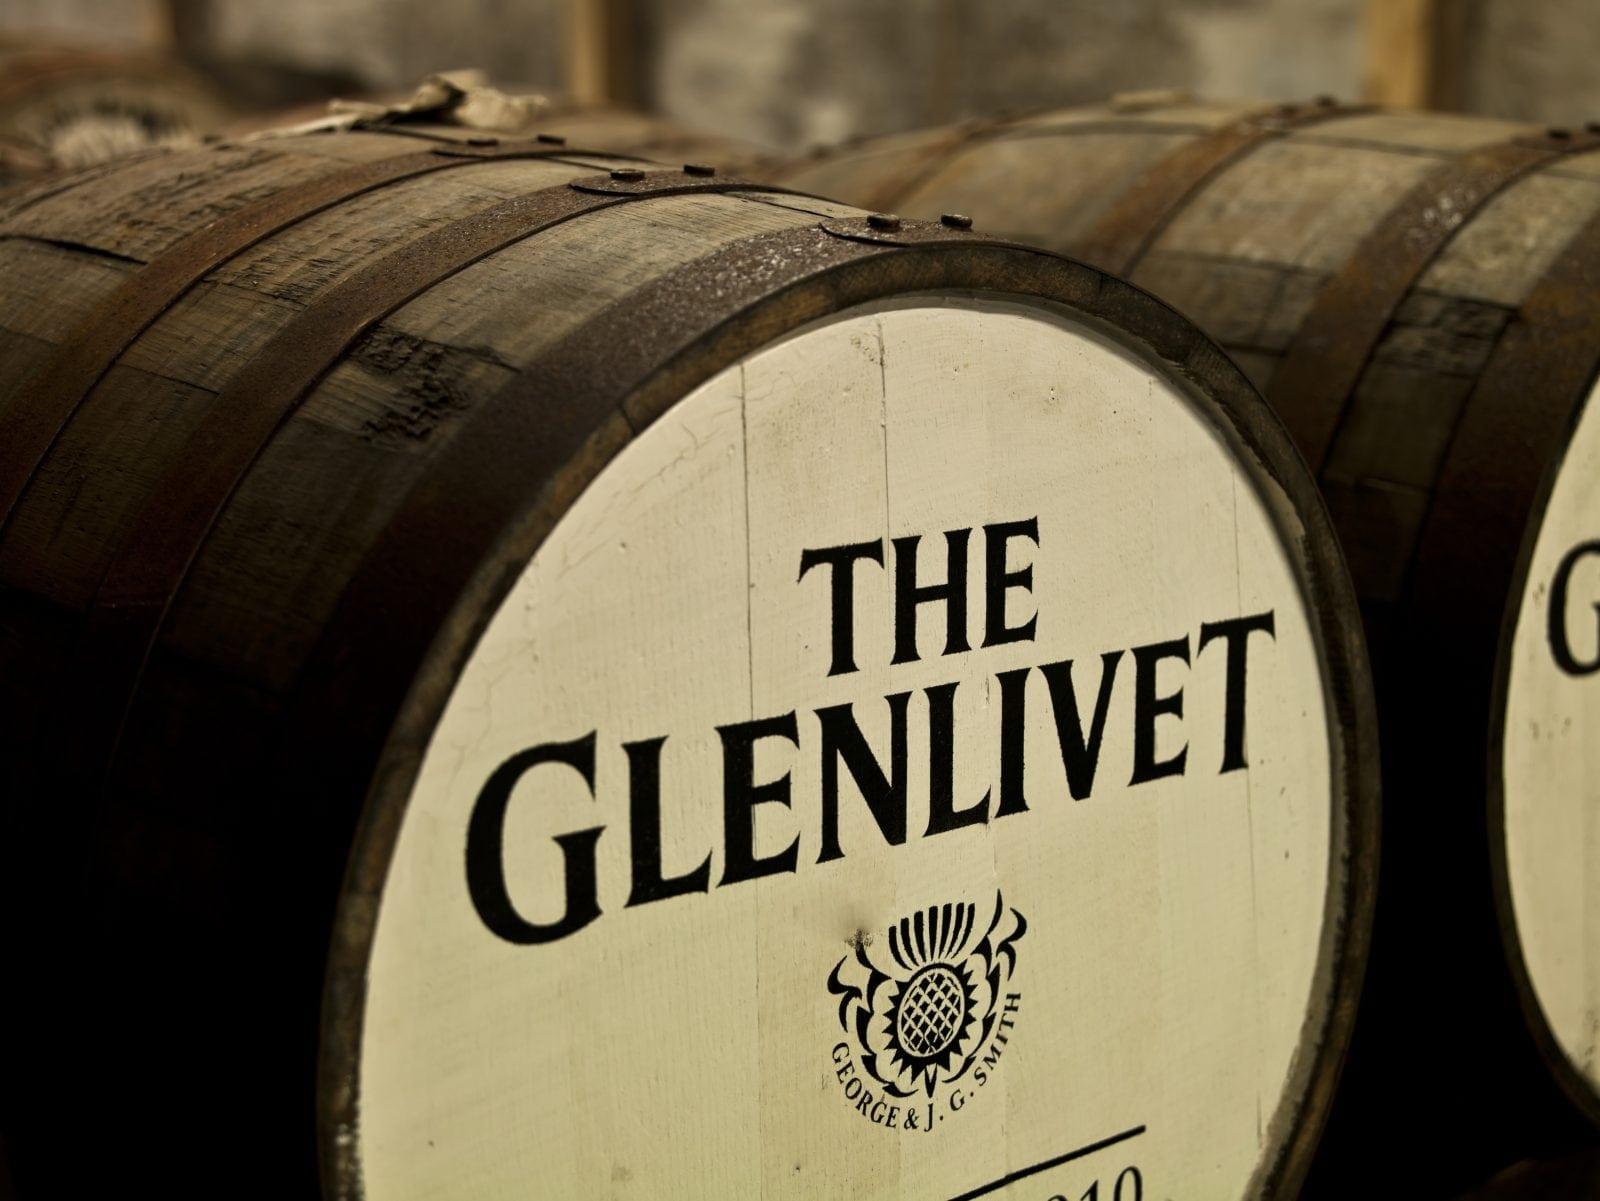 42Glenlivet RT2 DavidBrook 126645 - The Glenlivet, excelență din 1824